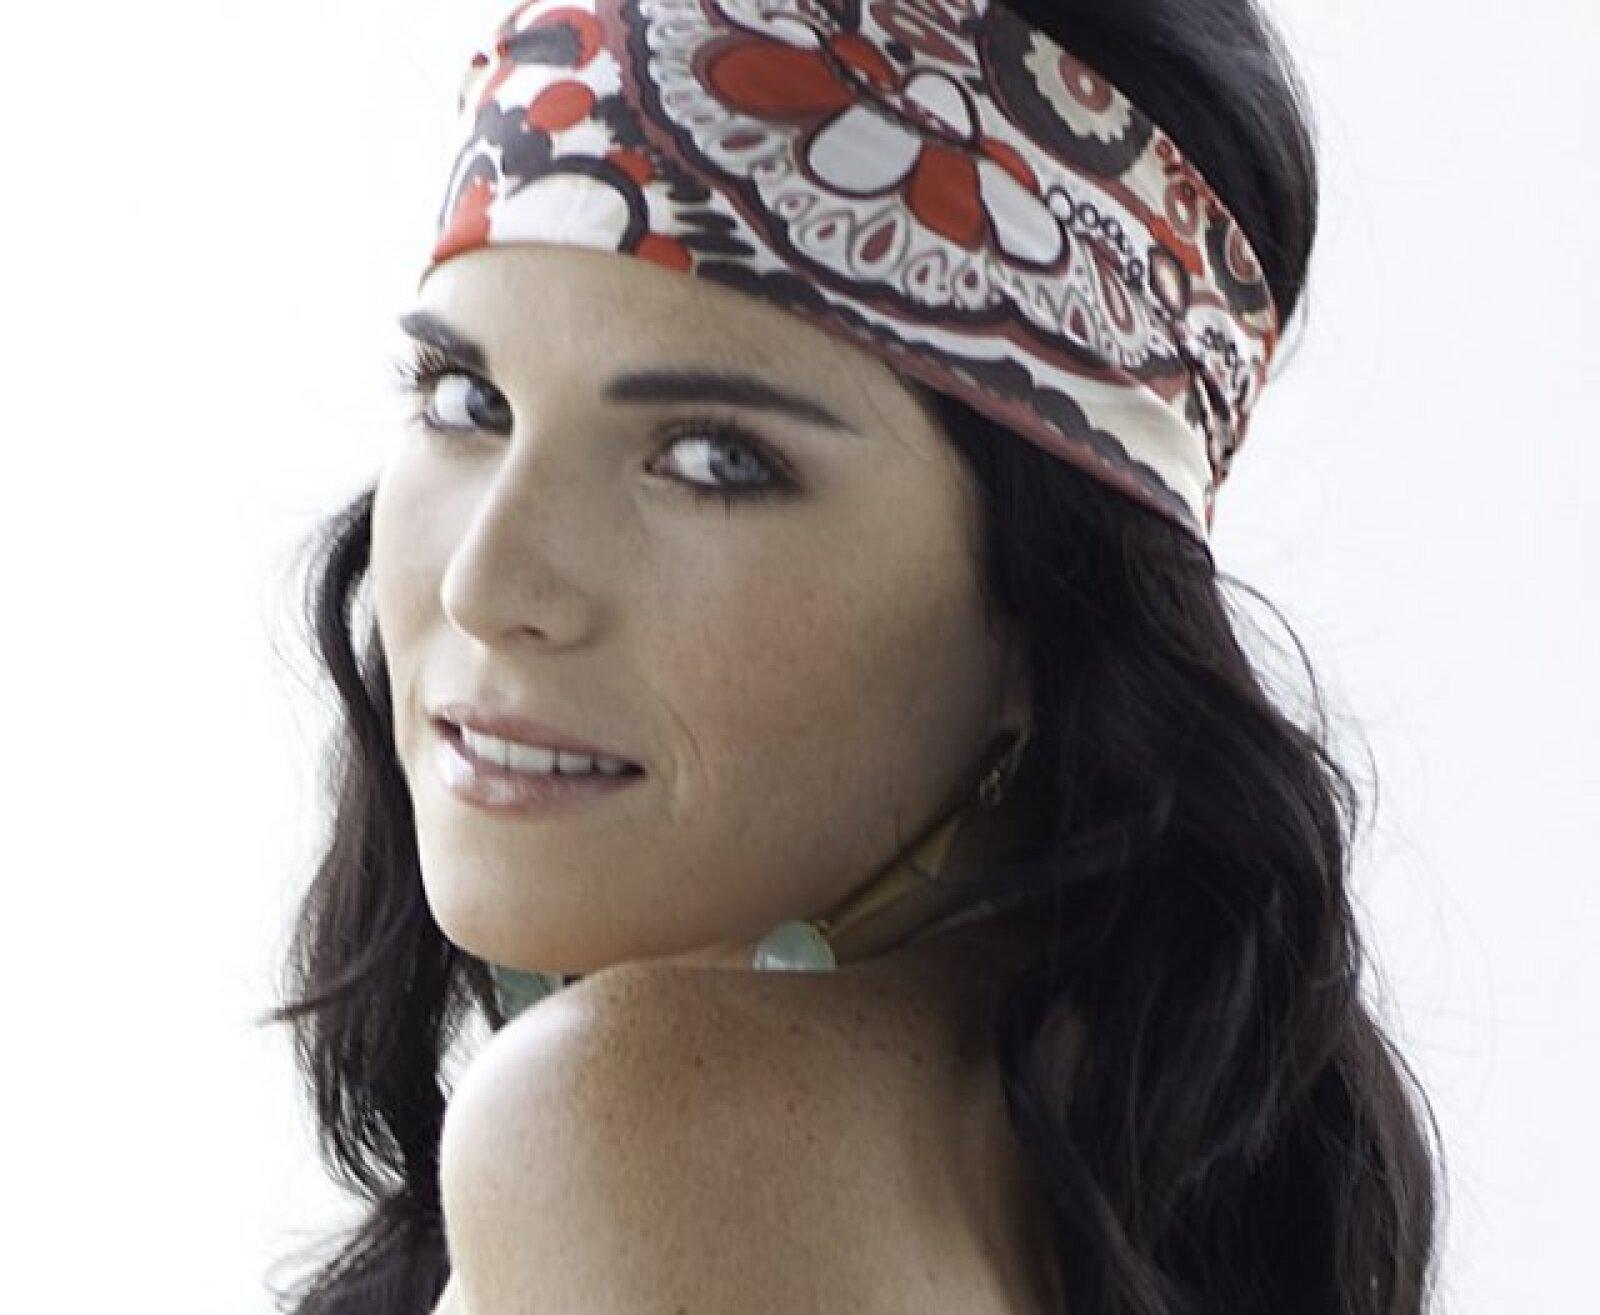 Karla comentó que le gusta el papel que realizará en La Novicia Rebelde pero dijo que no tiene nada en común con ella.